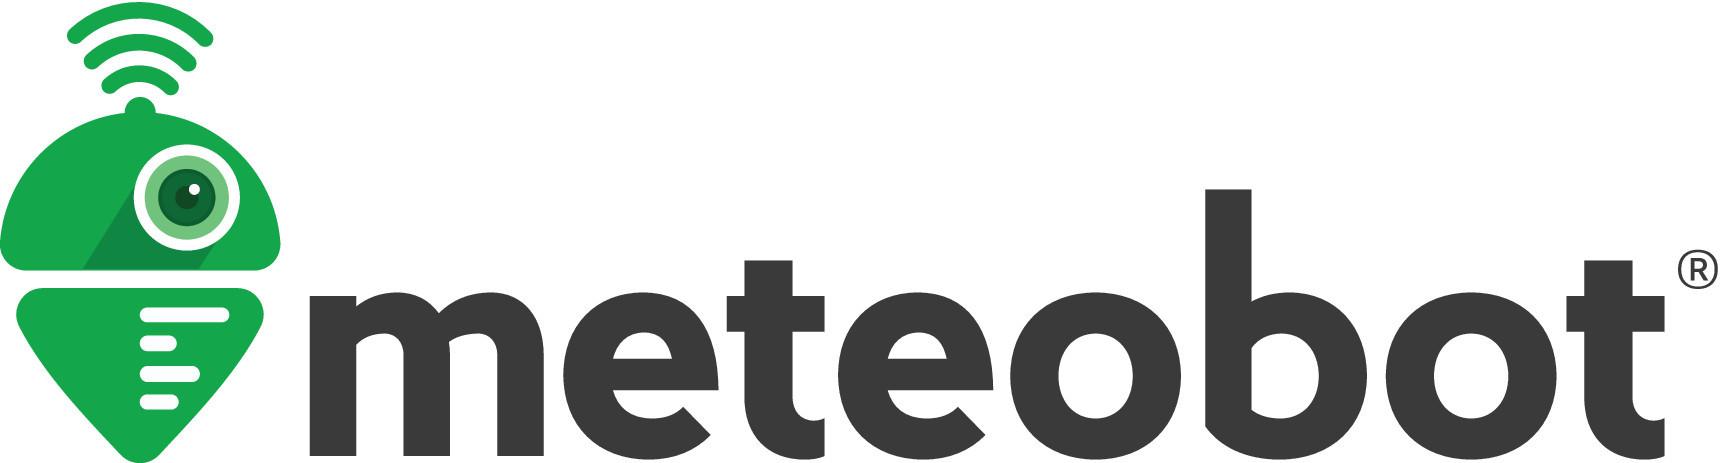 Meteobot-logotype-r-bigger.jpg